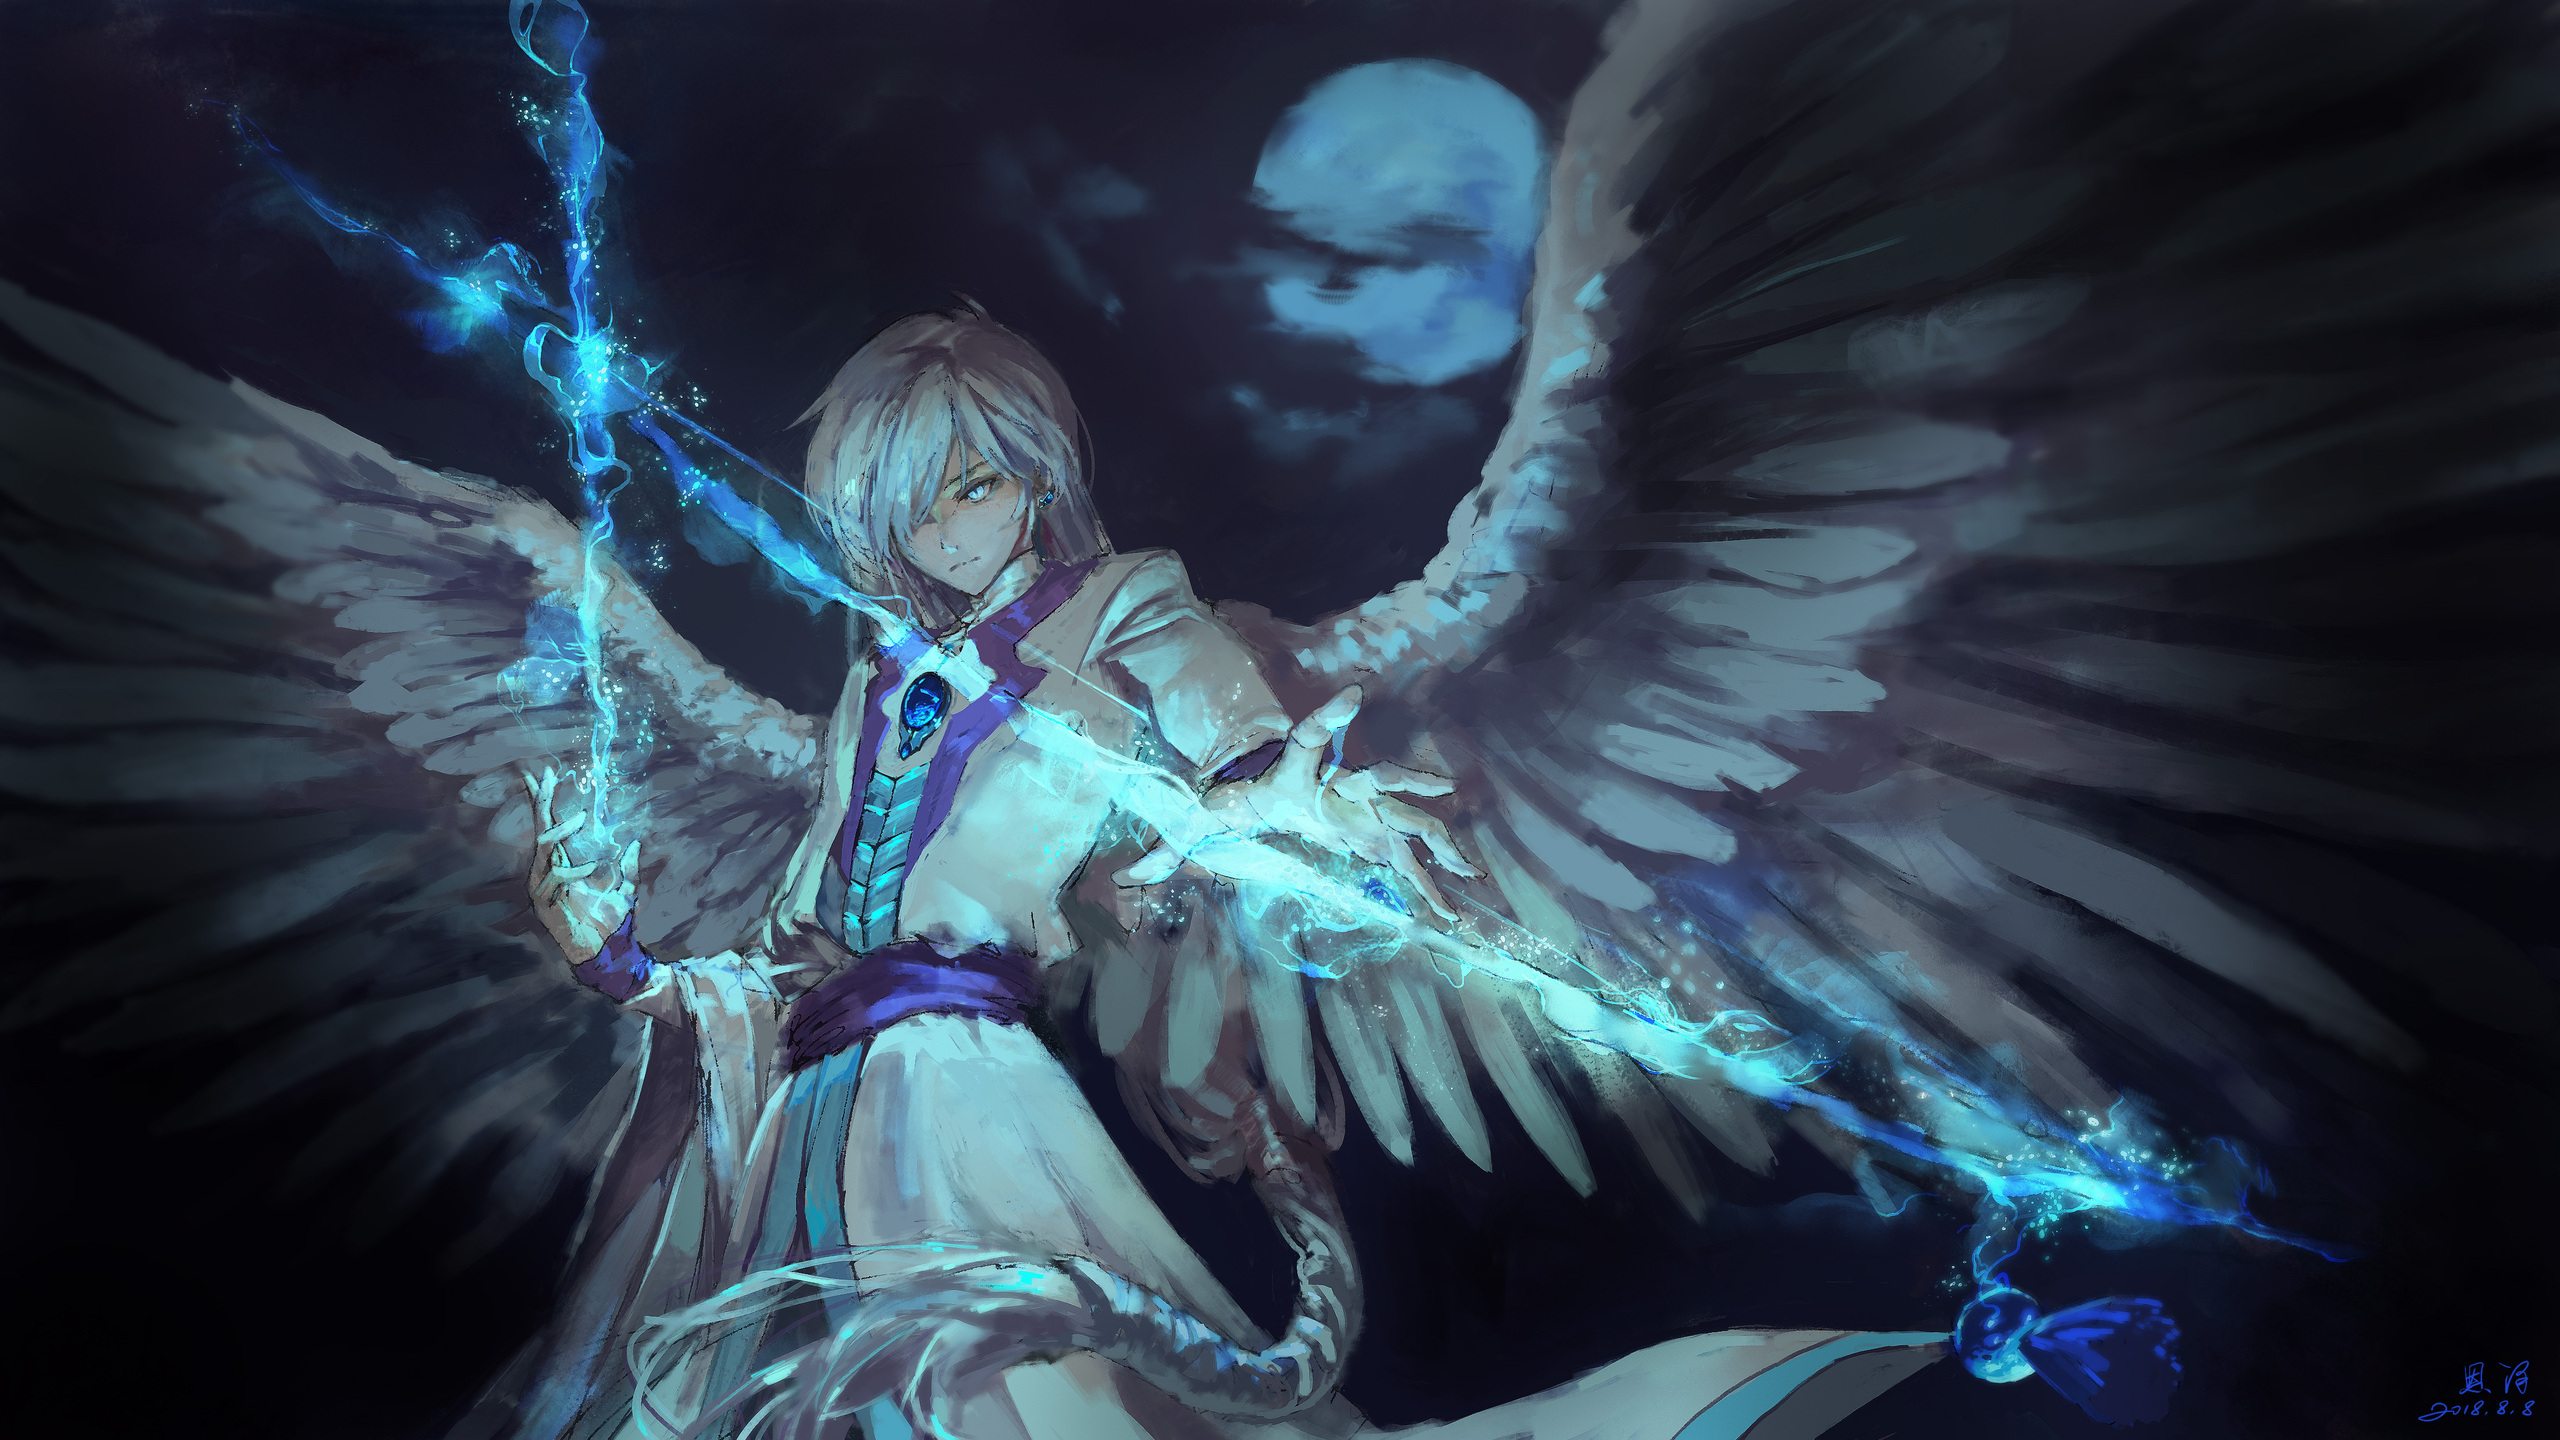 2560x1440 Anime Angel Boy With Magical Arrow 1440P ...